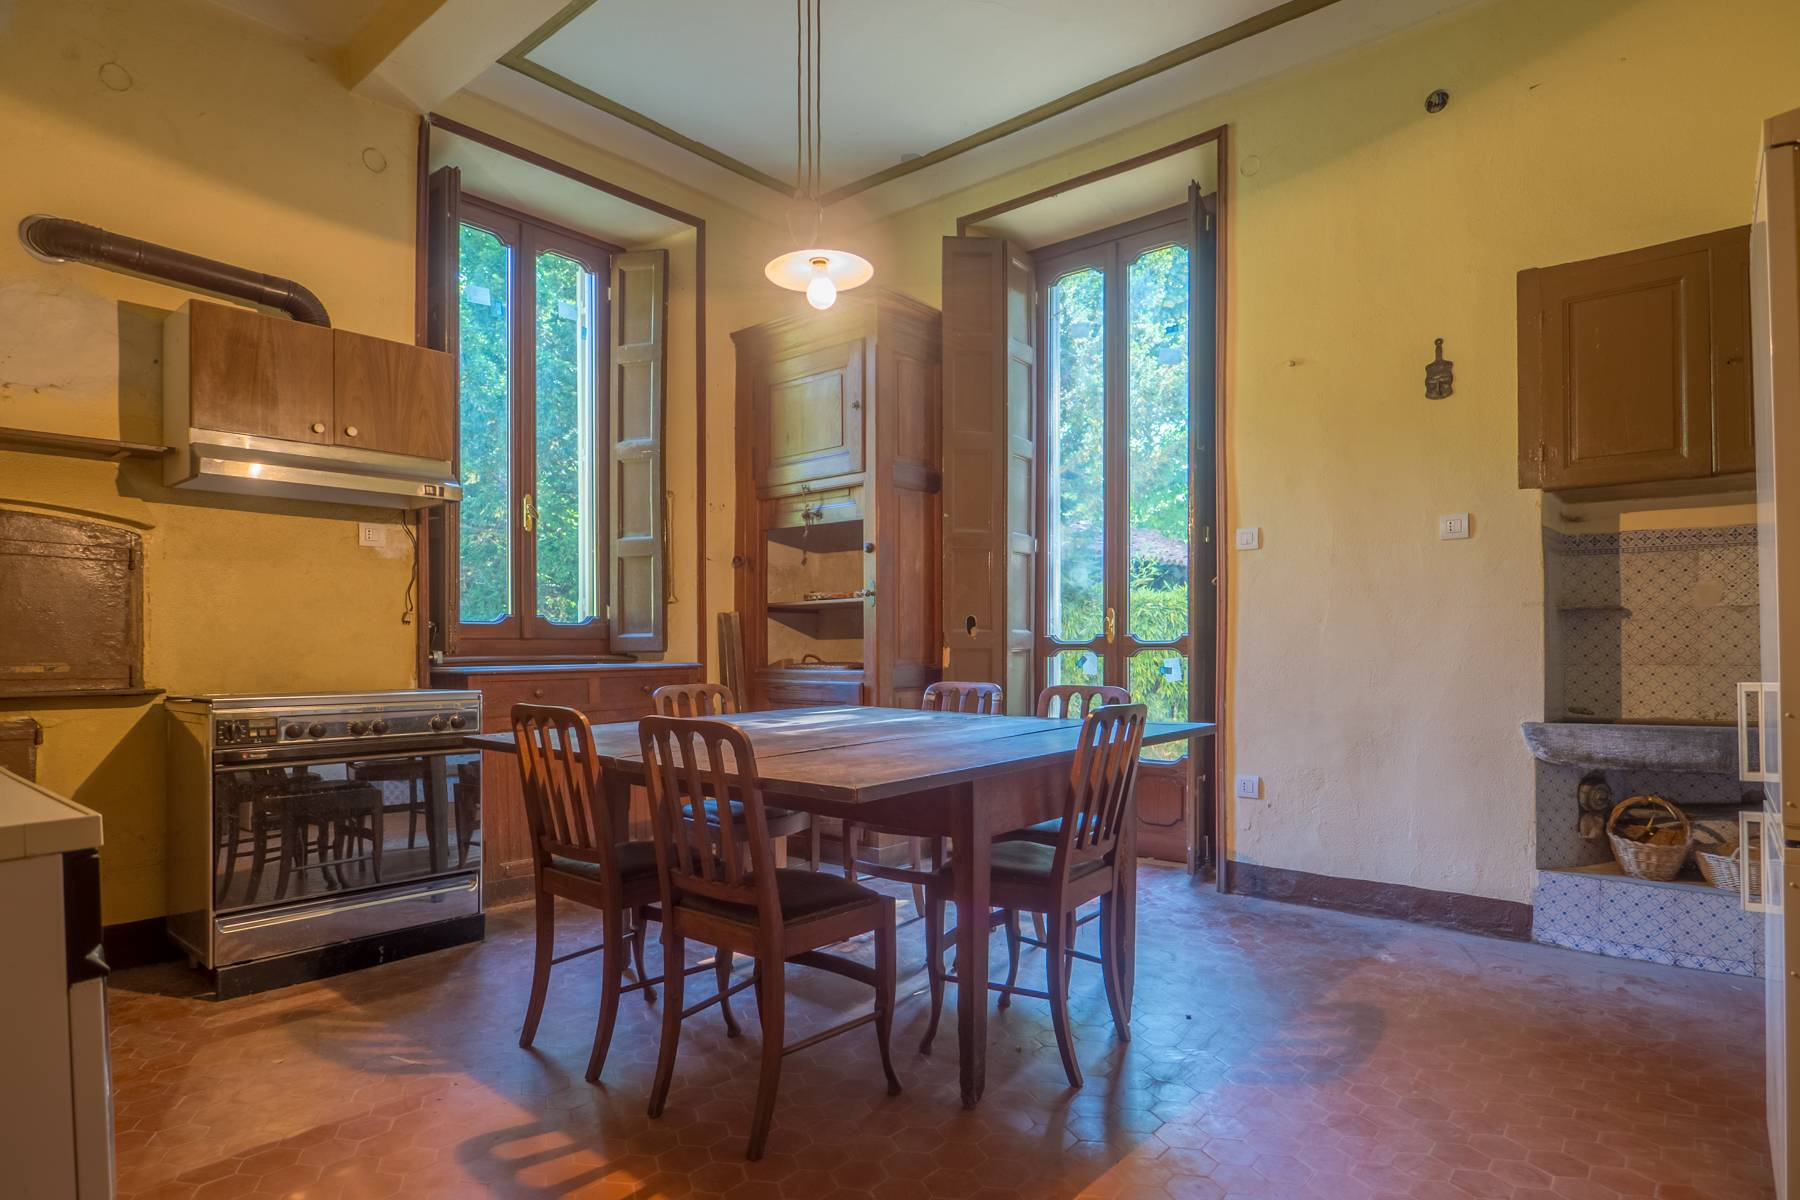 Villa in Vendita a Moncalieri: 5 locali, 983 mq - Foto 10